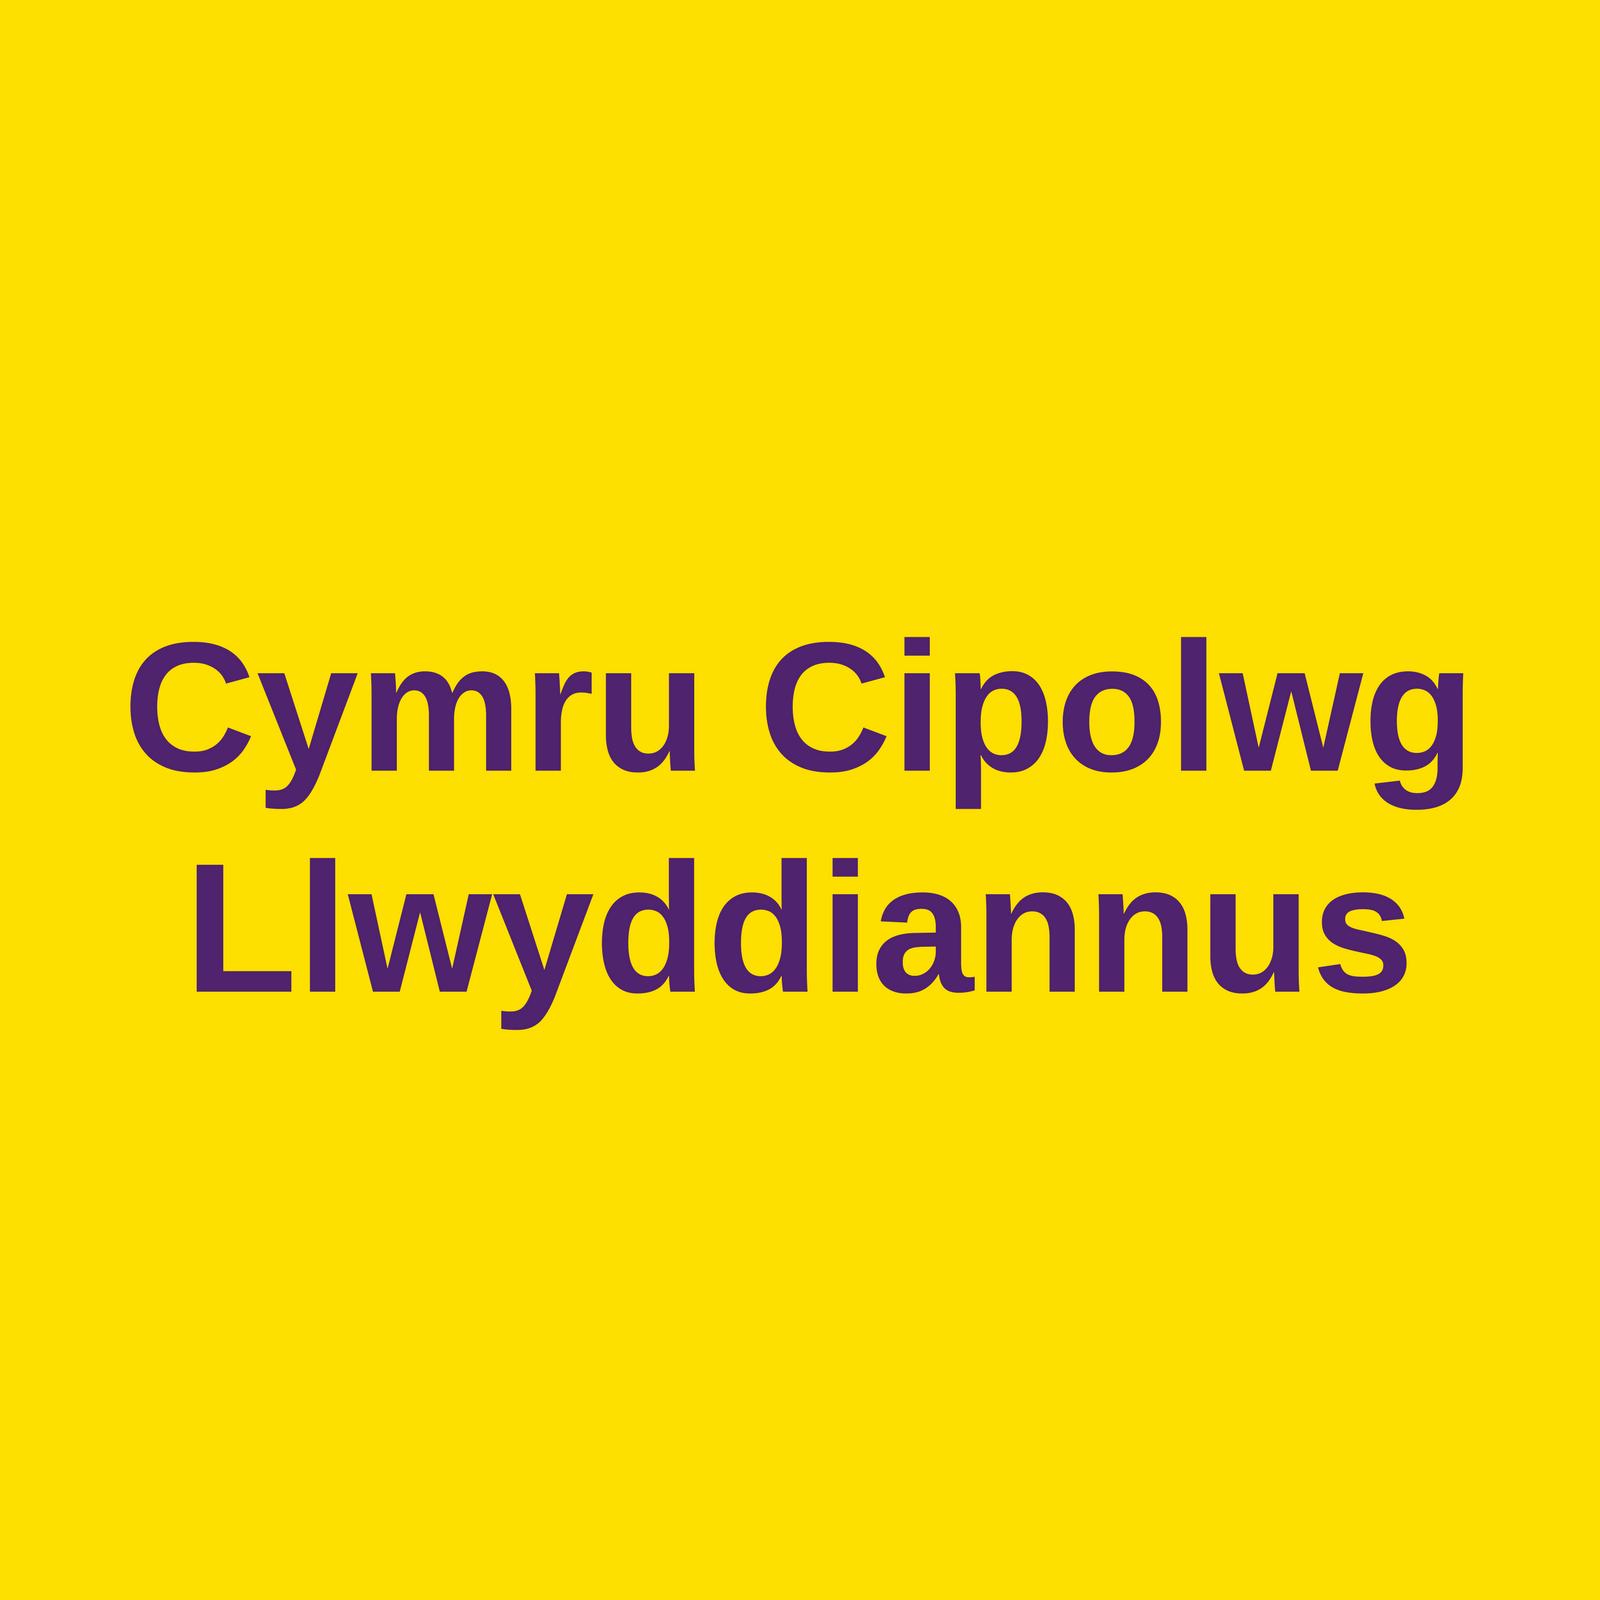 cymru cipolwg llwyddiannus